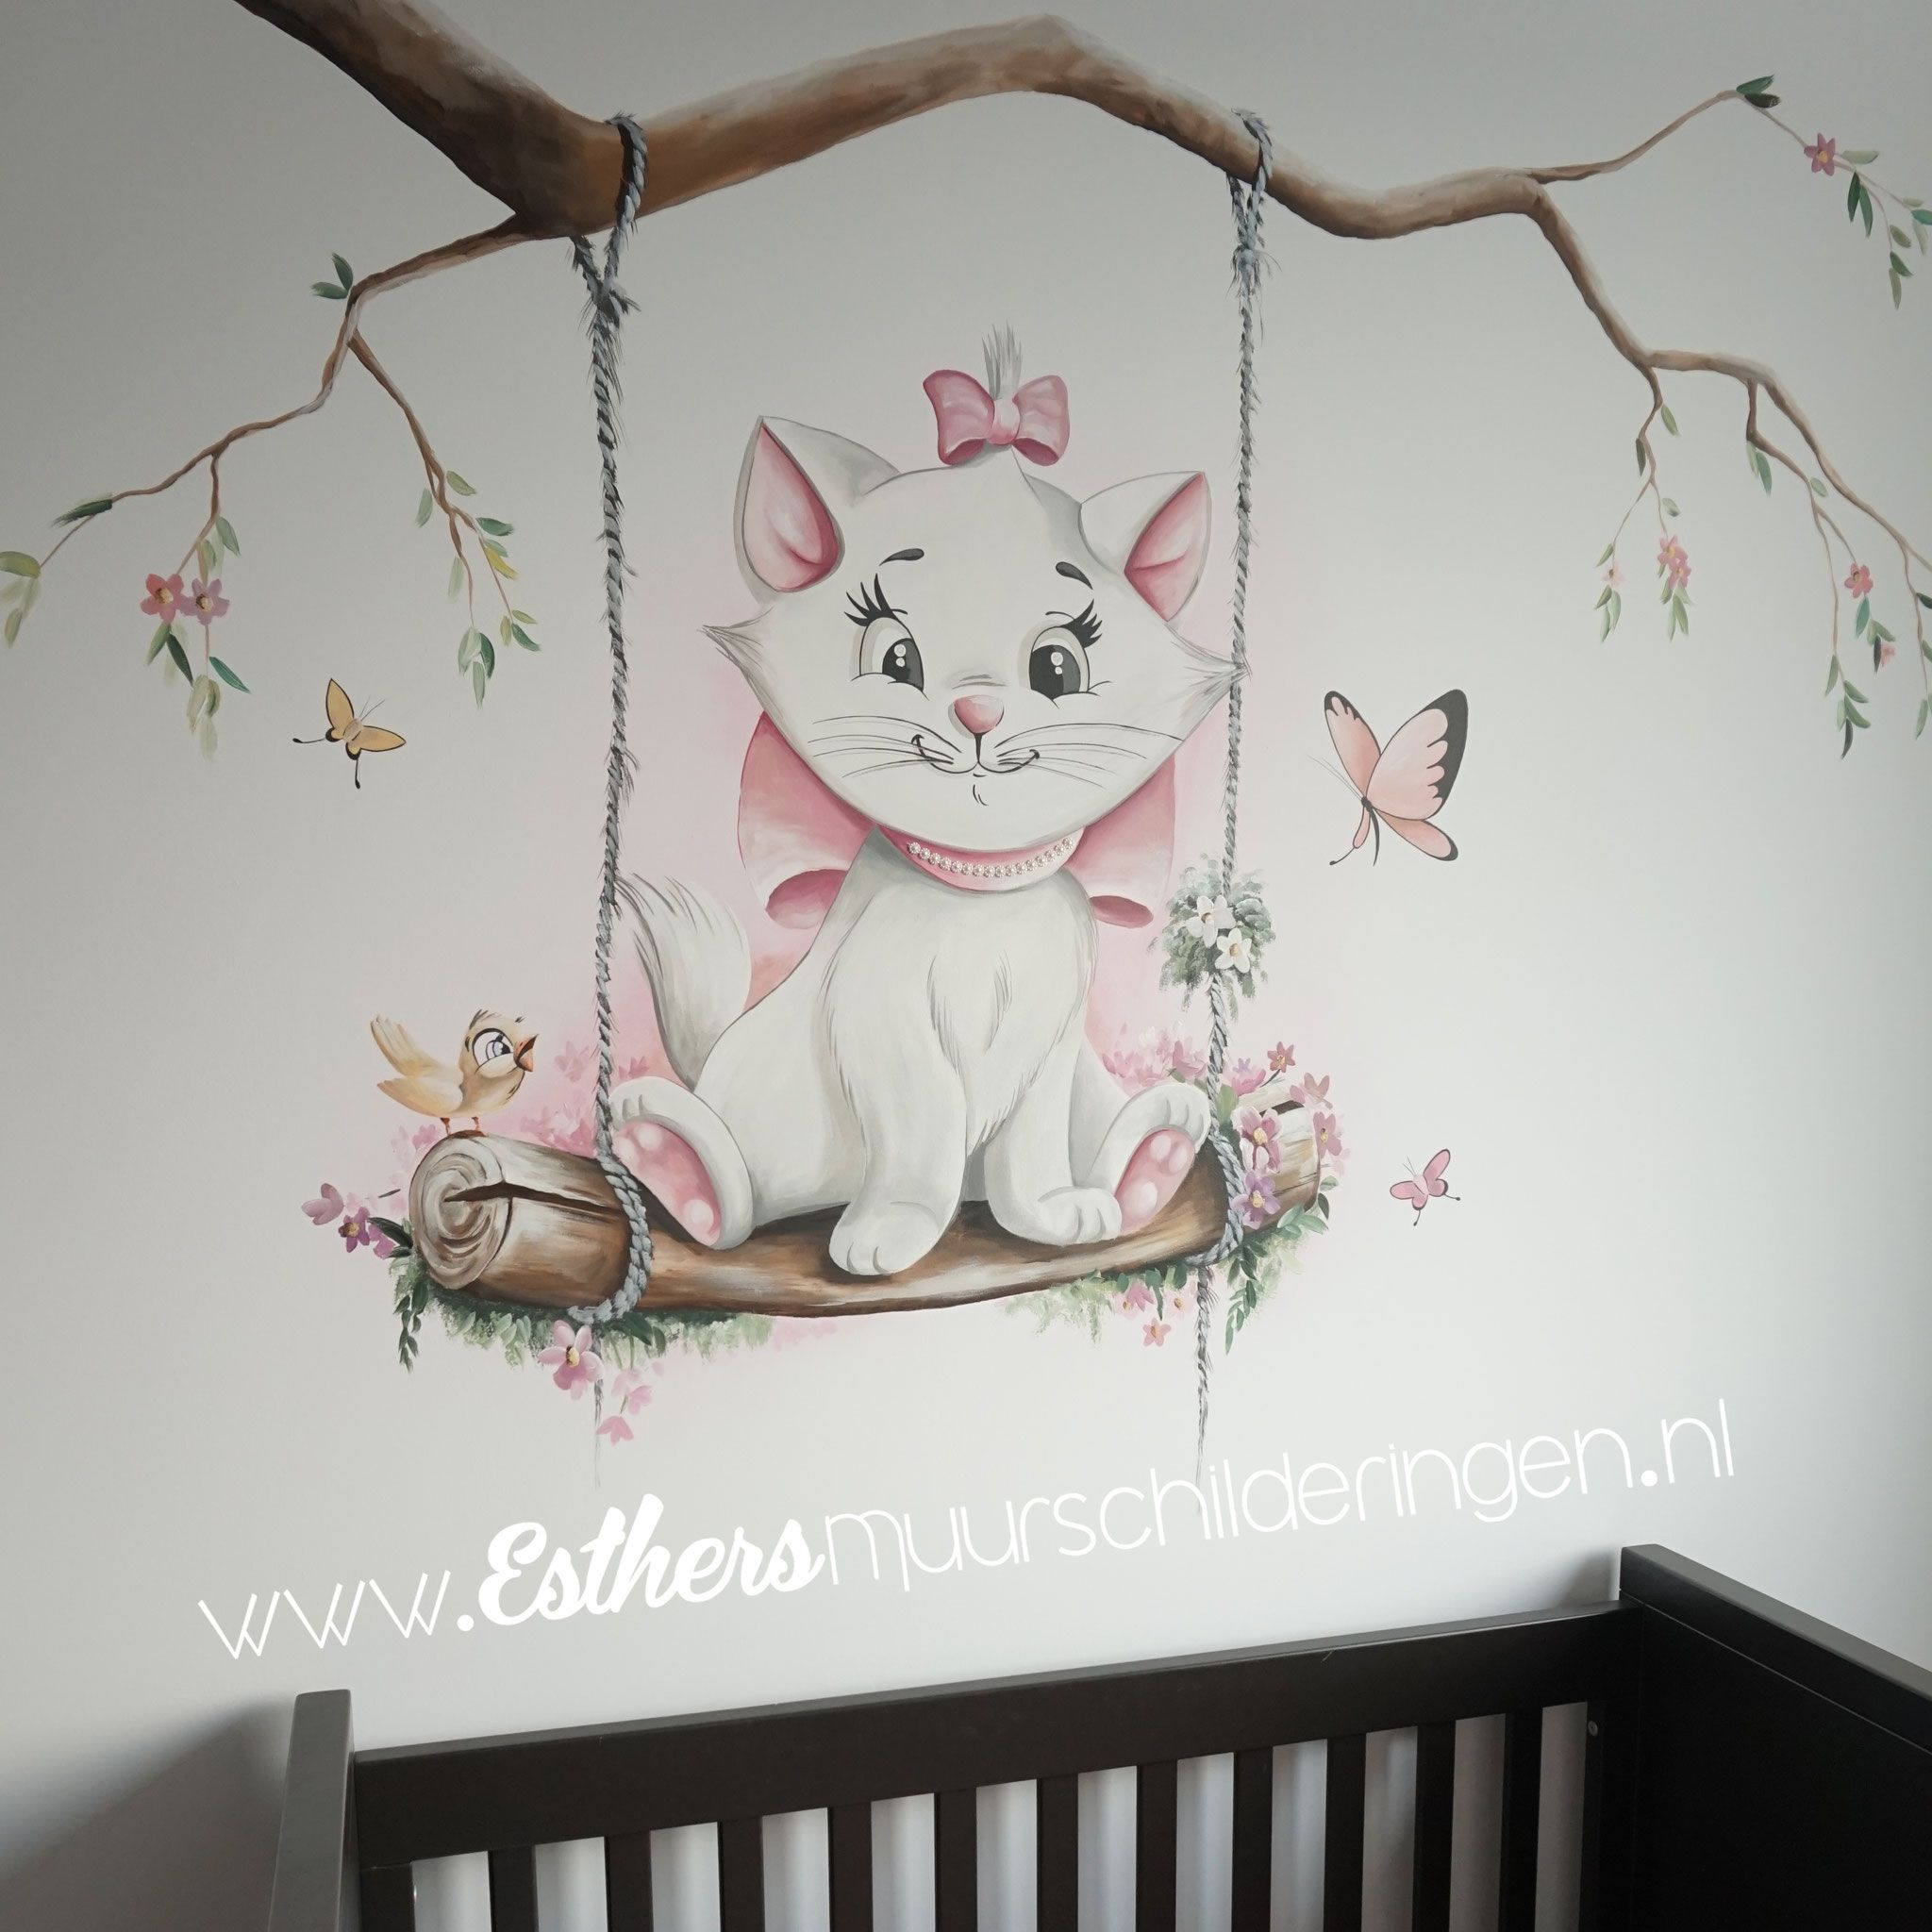 Muurschilderingen Babykamers Esthersmuurschilderingen Babykamer Decoratie Muurschildering Babykamer